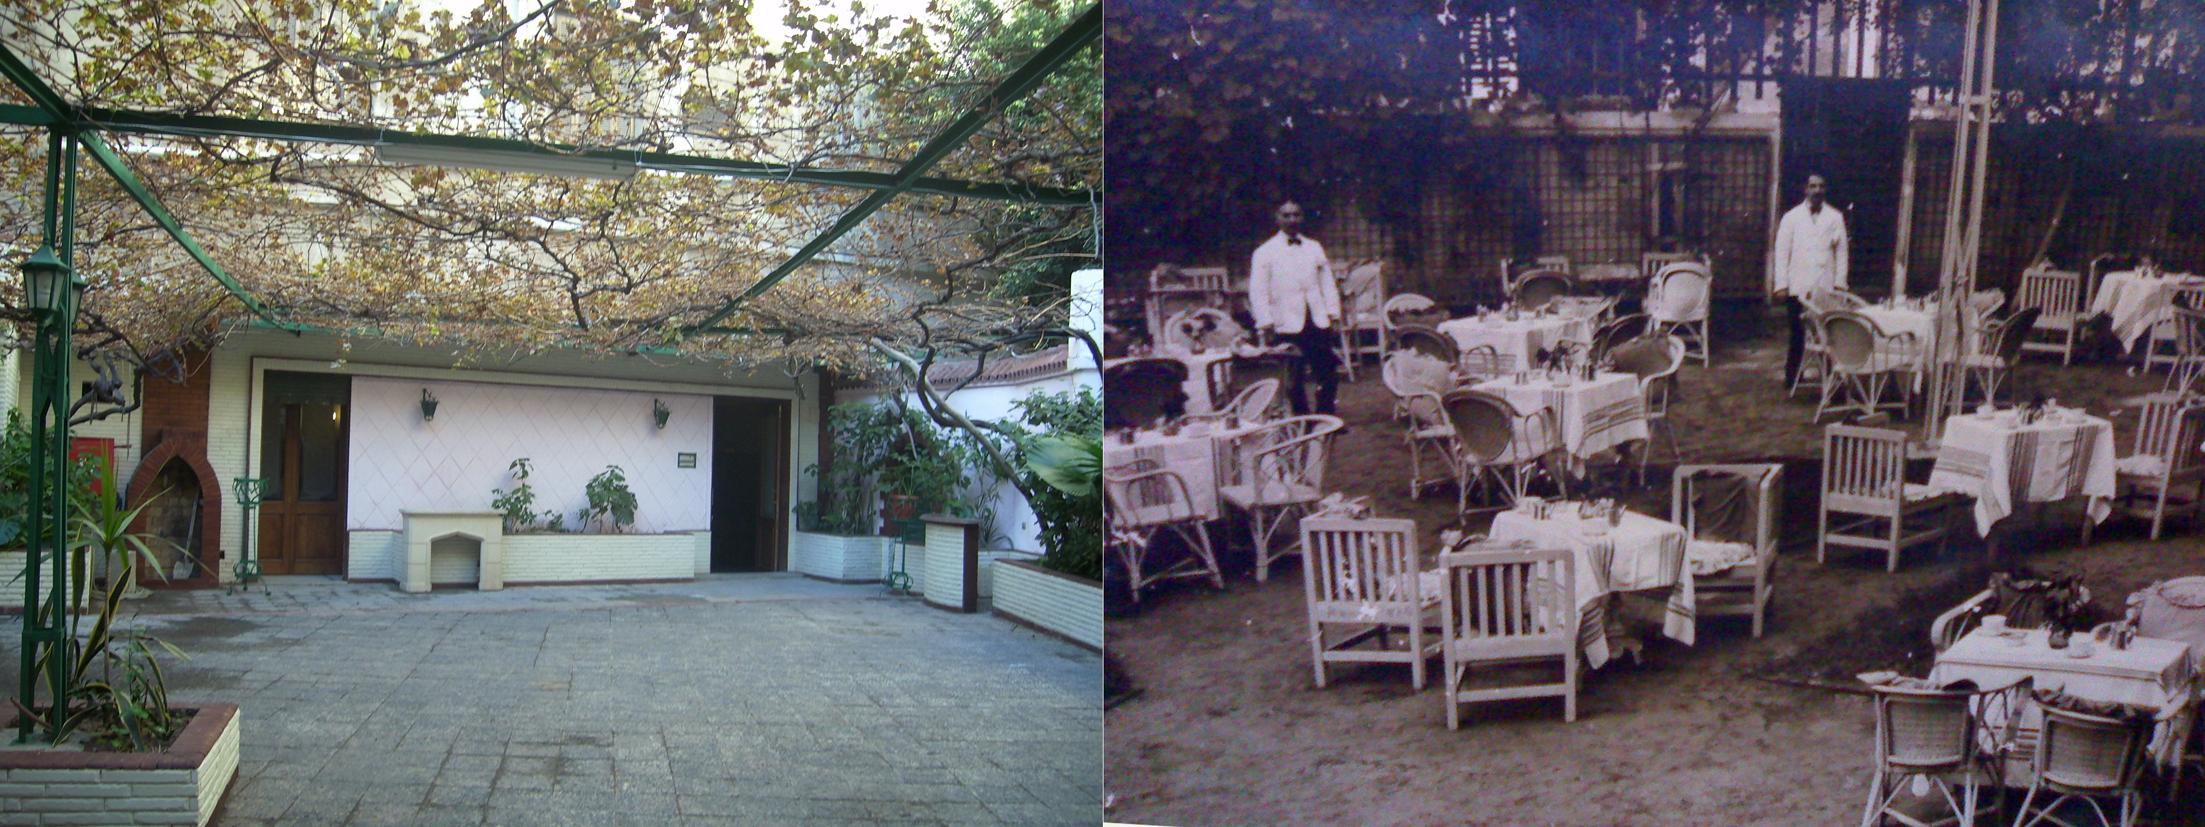 حديقة الحفلات عام 1948 و 2010